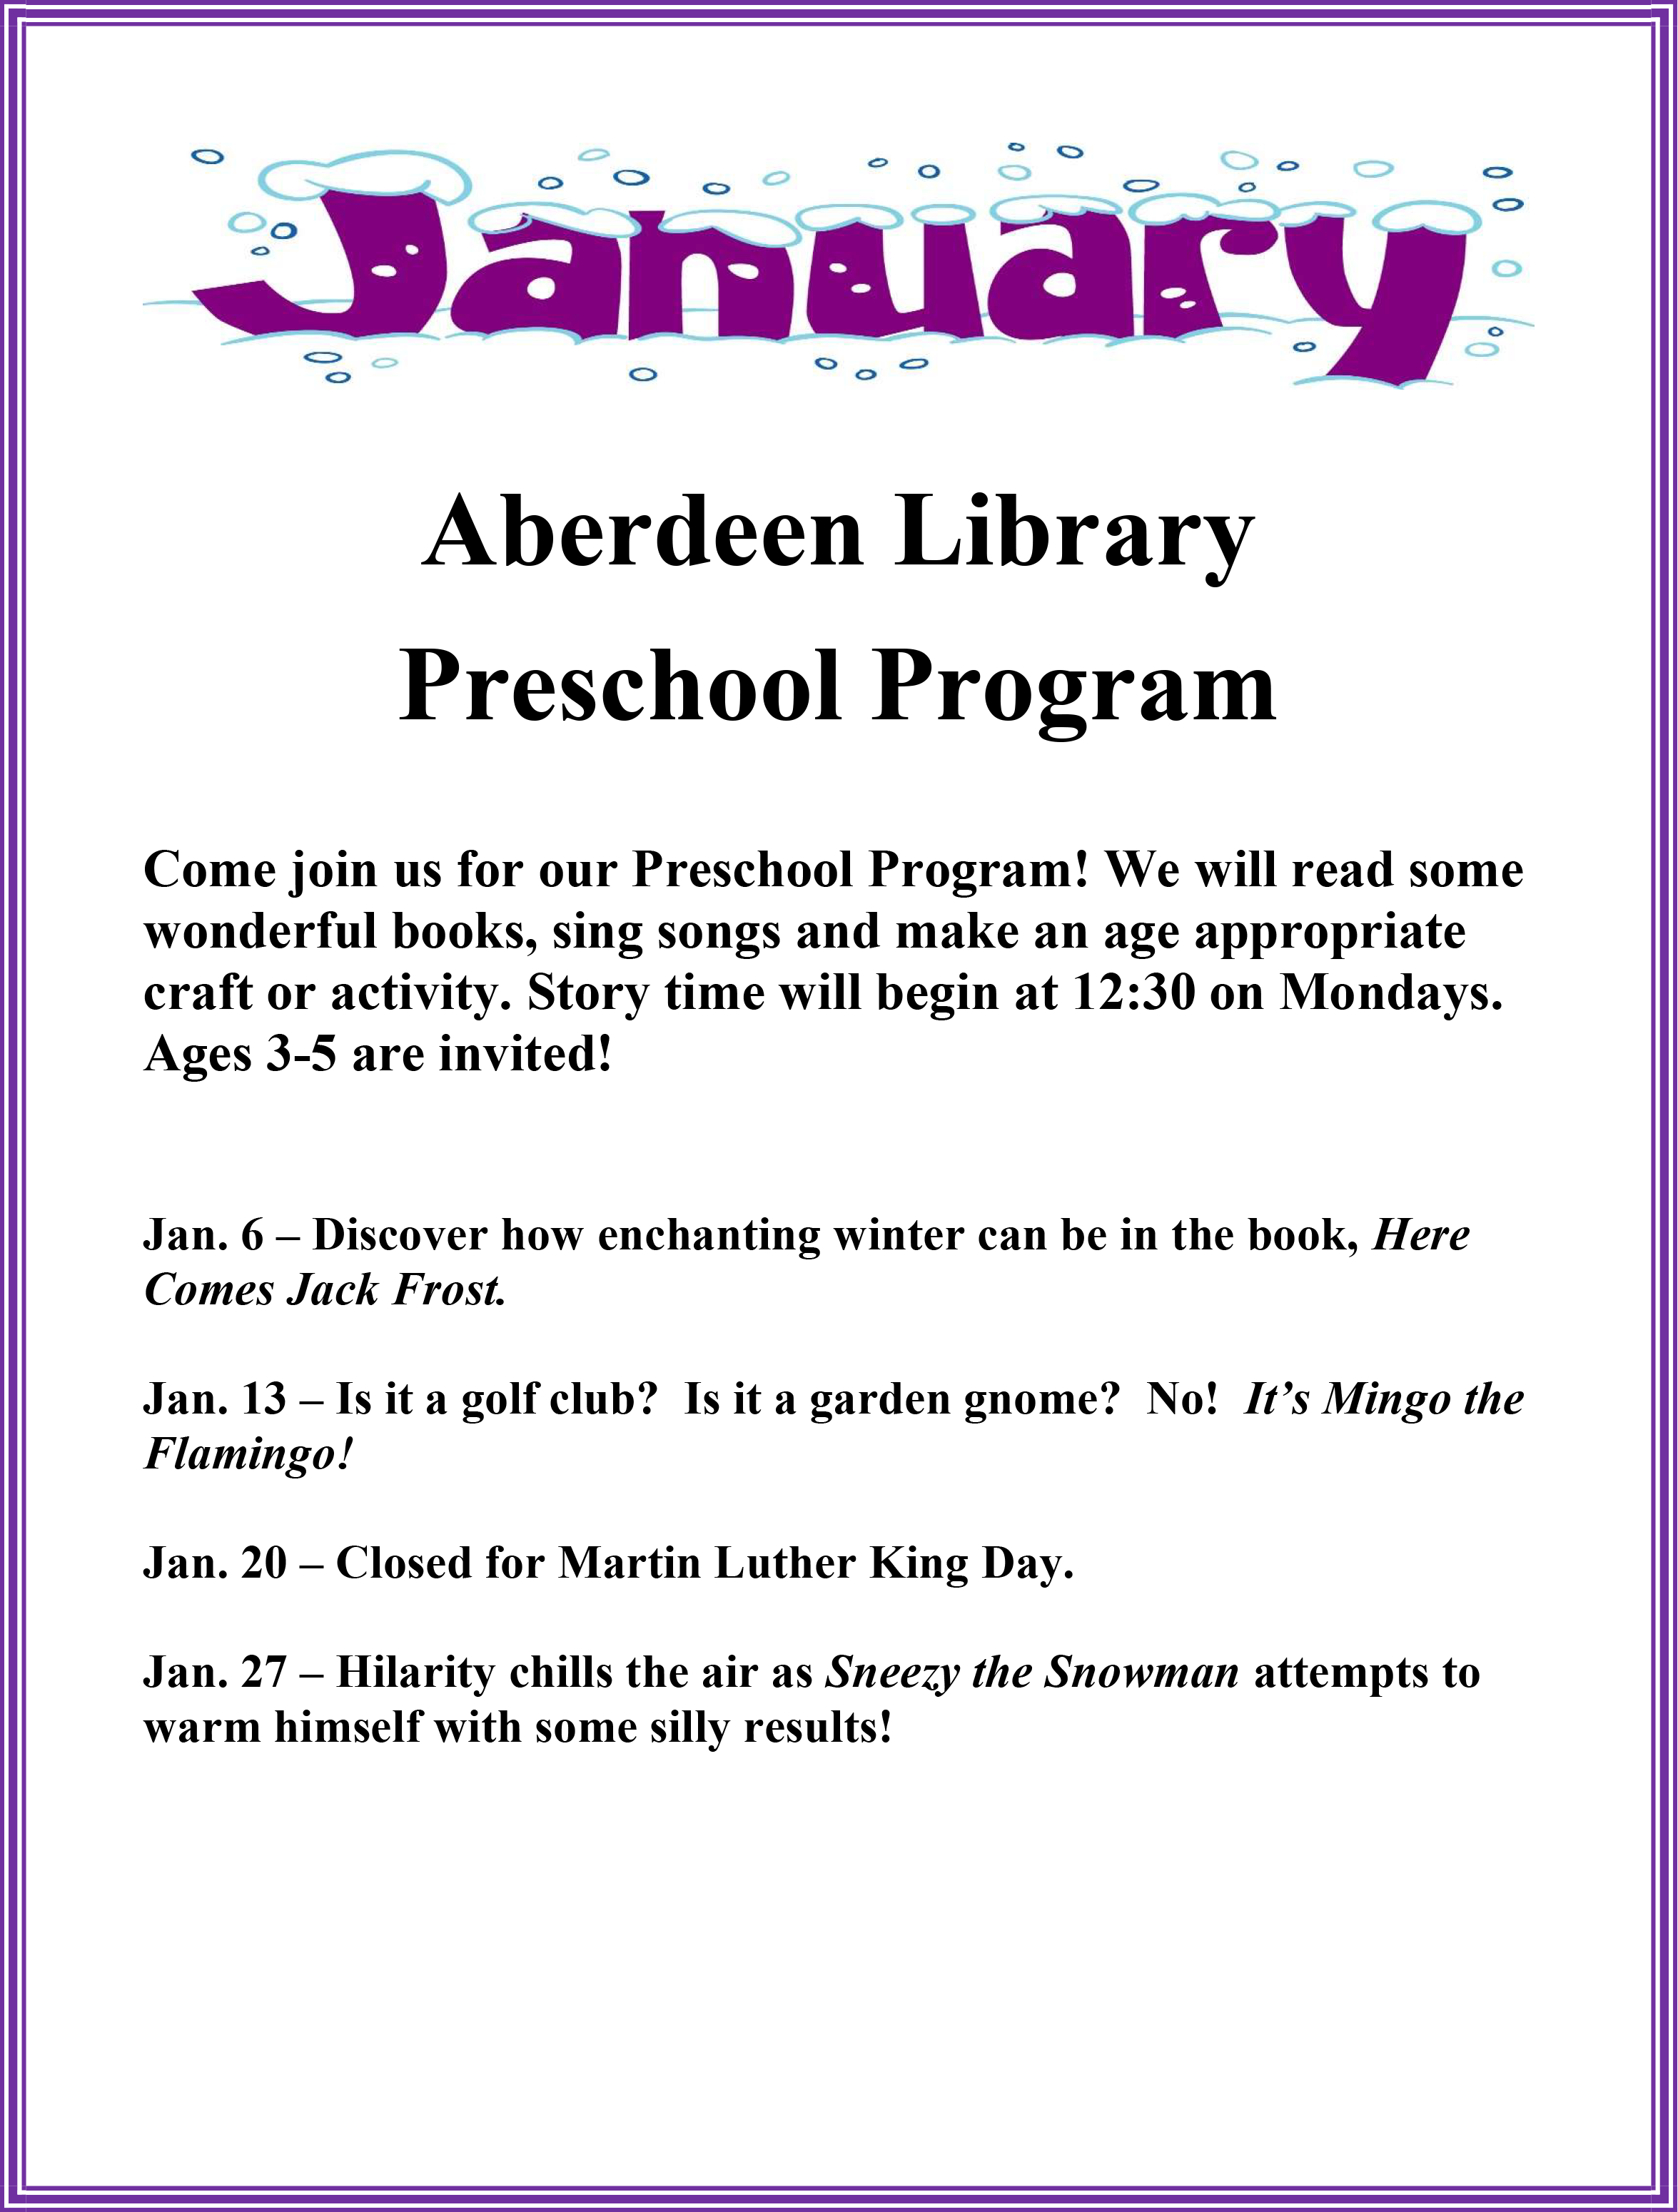 January Preschool Story Times - Aberdeen